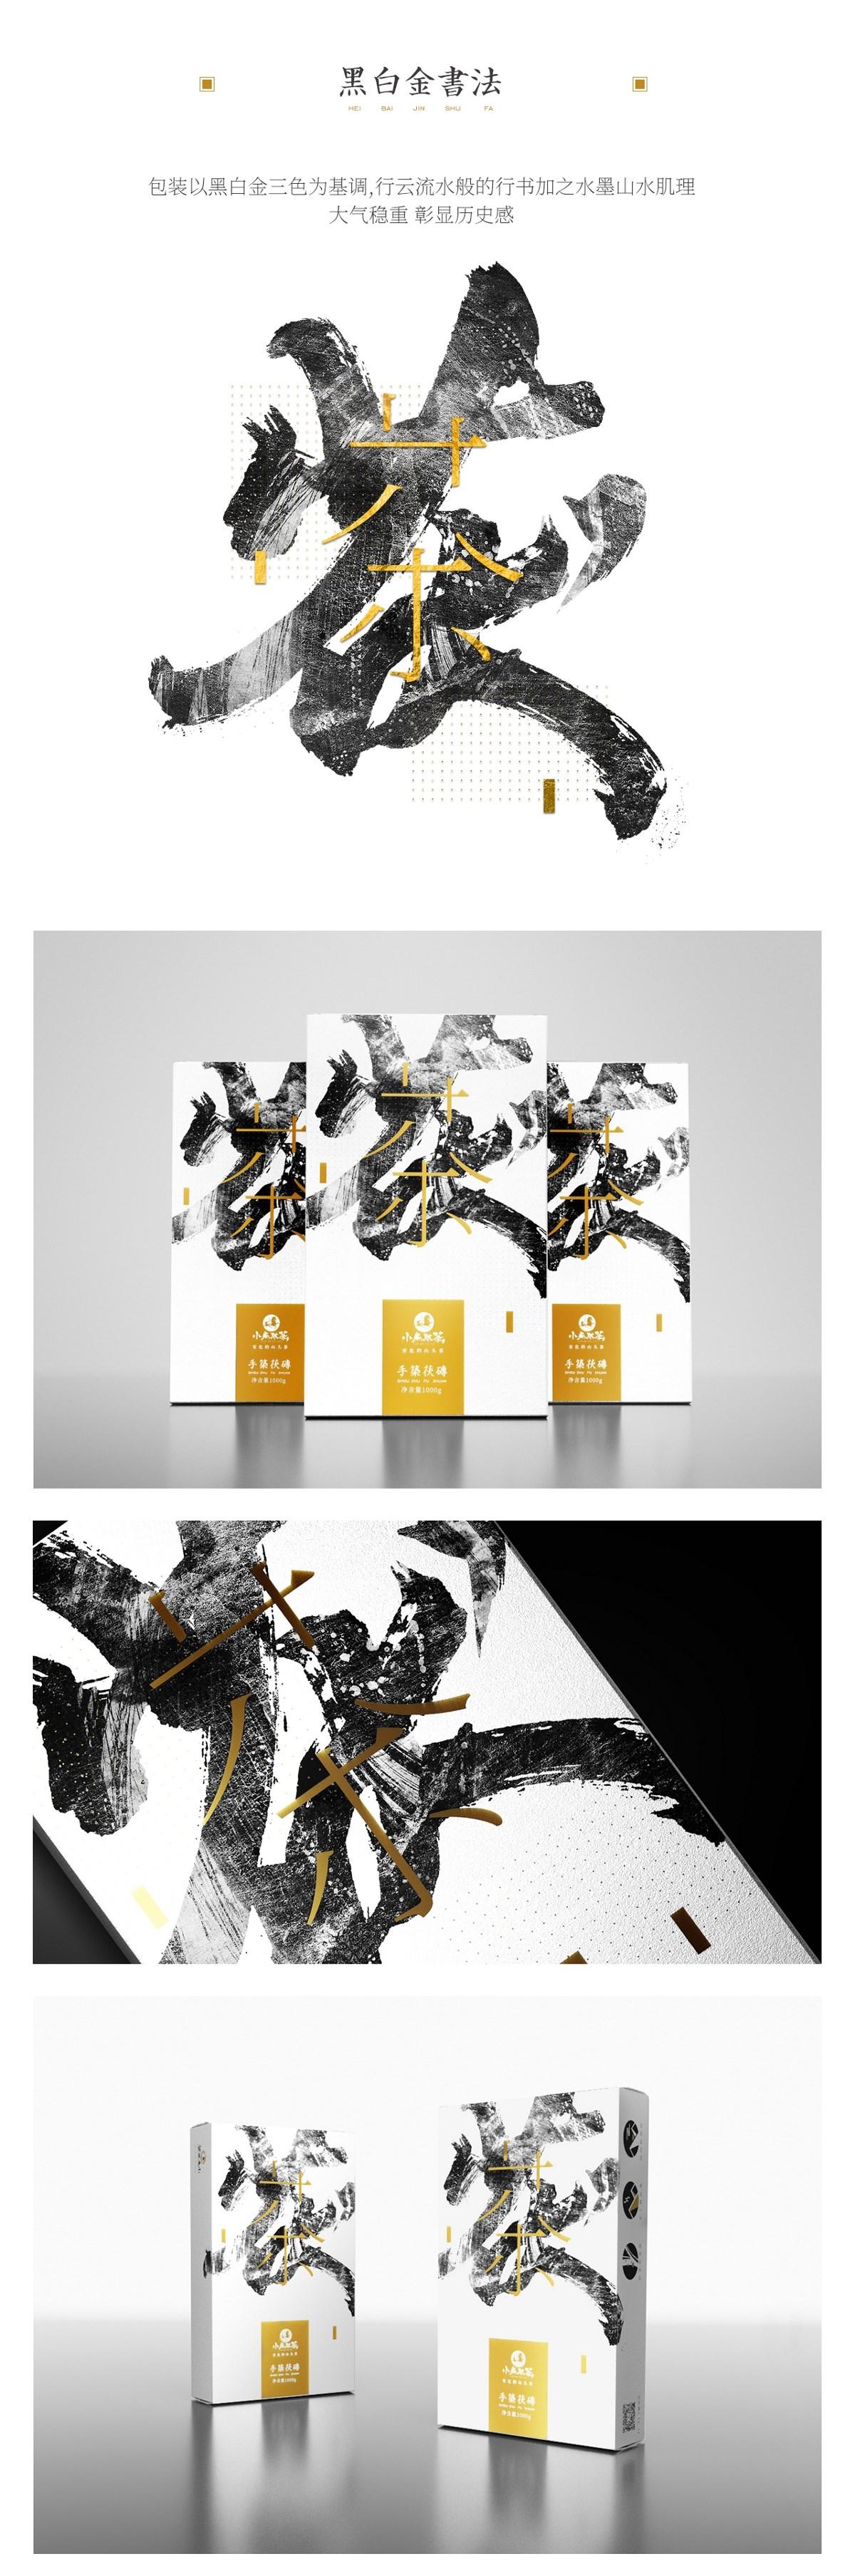 小马驮茶|新中式百两茶茯砖茶黑茶茶叶包装设计| www.rufydesign.com